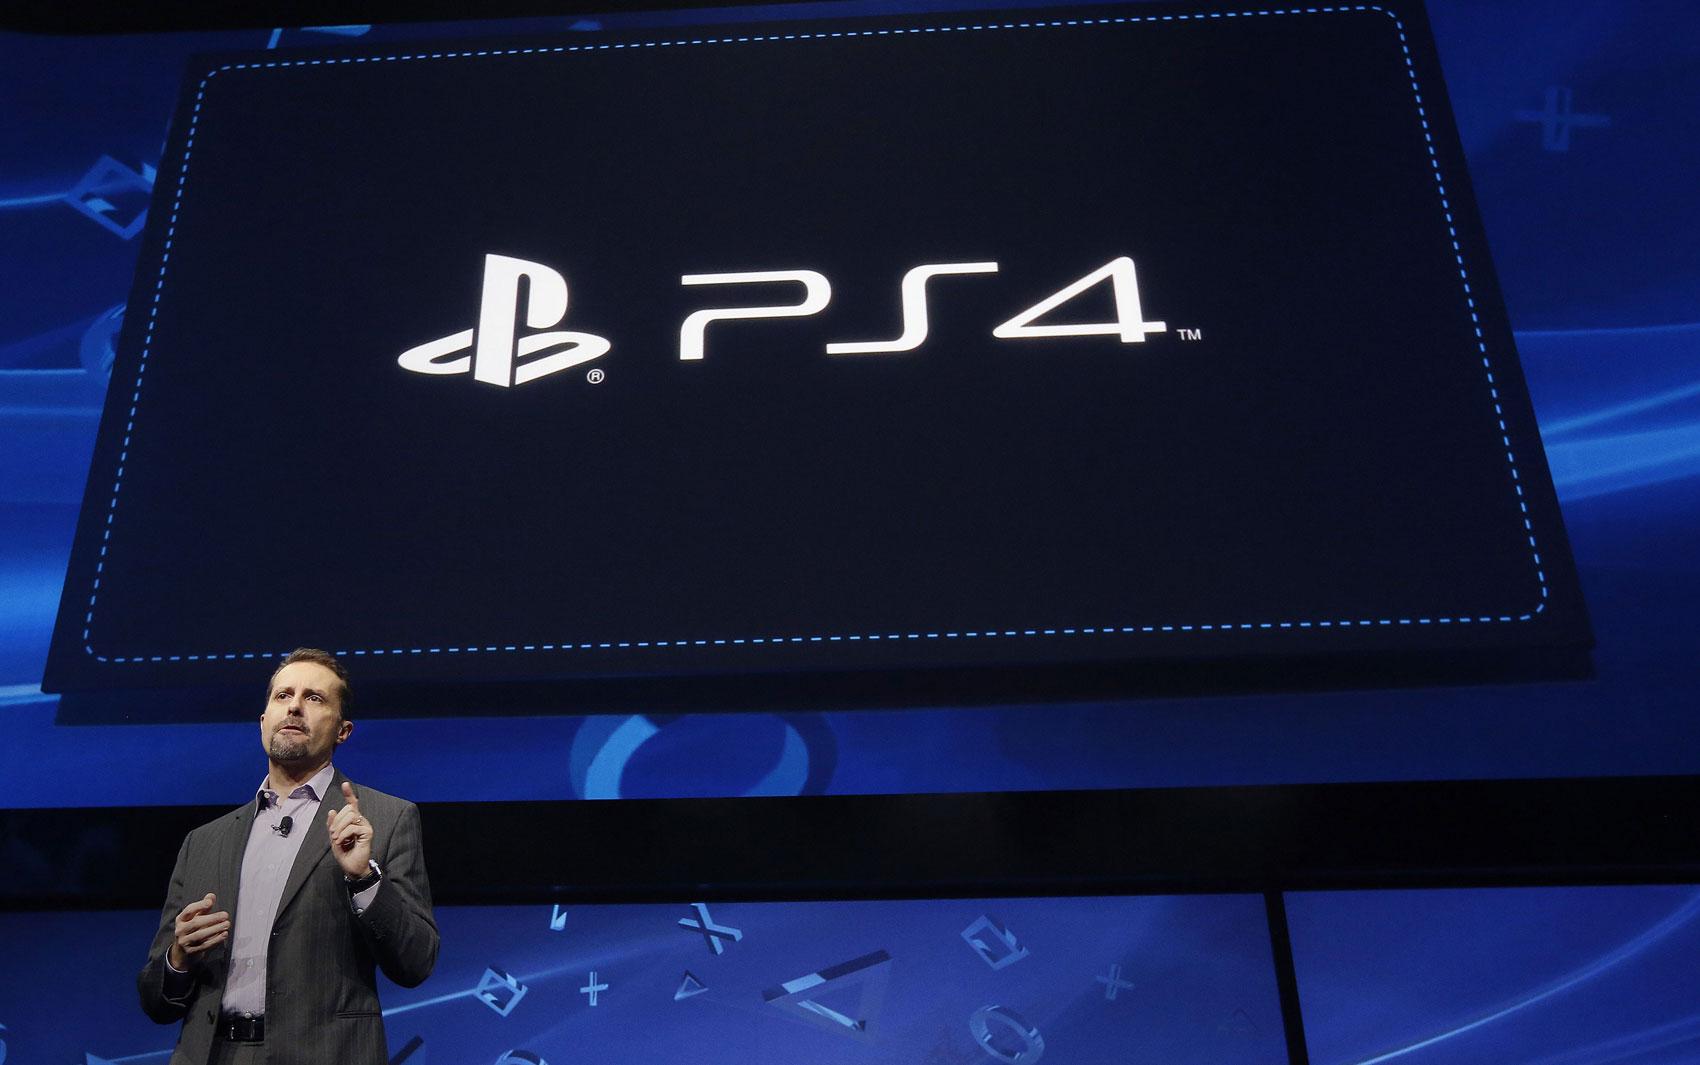 Andrew House, presidente e diretor-executivo da Sony Computer Entertainment Inc., anuncia o PlayStation 4